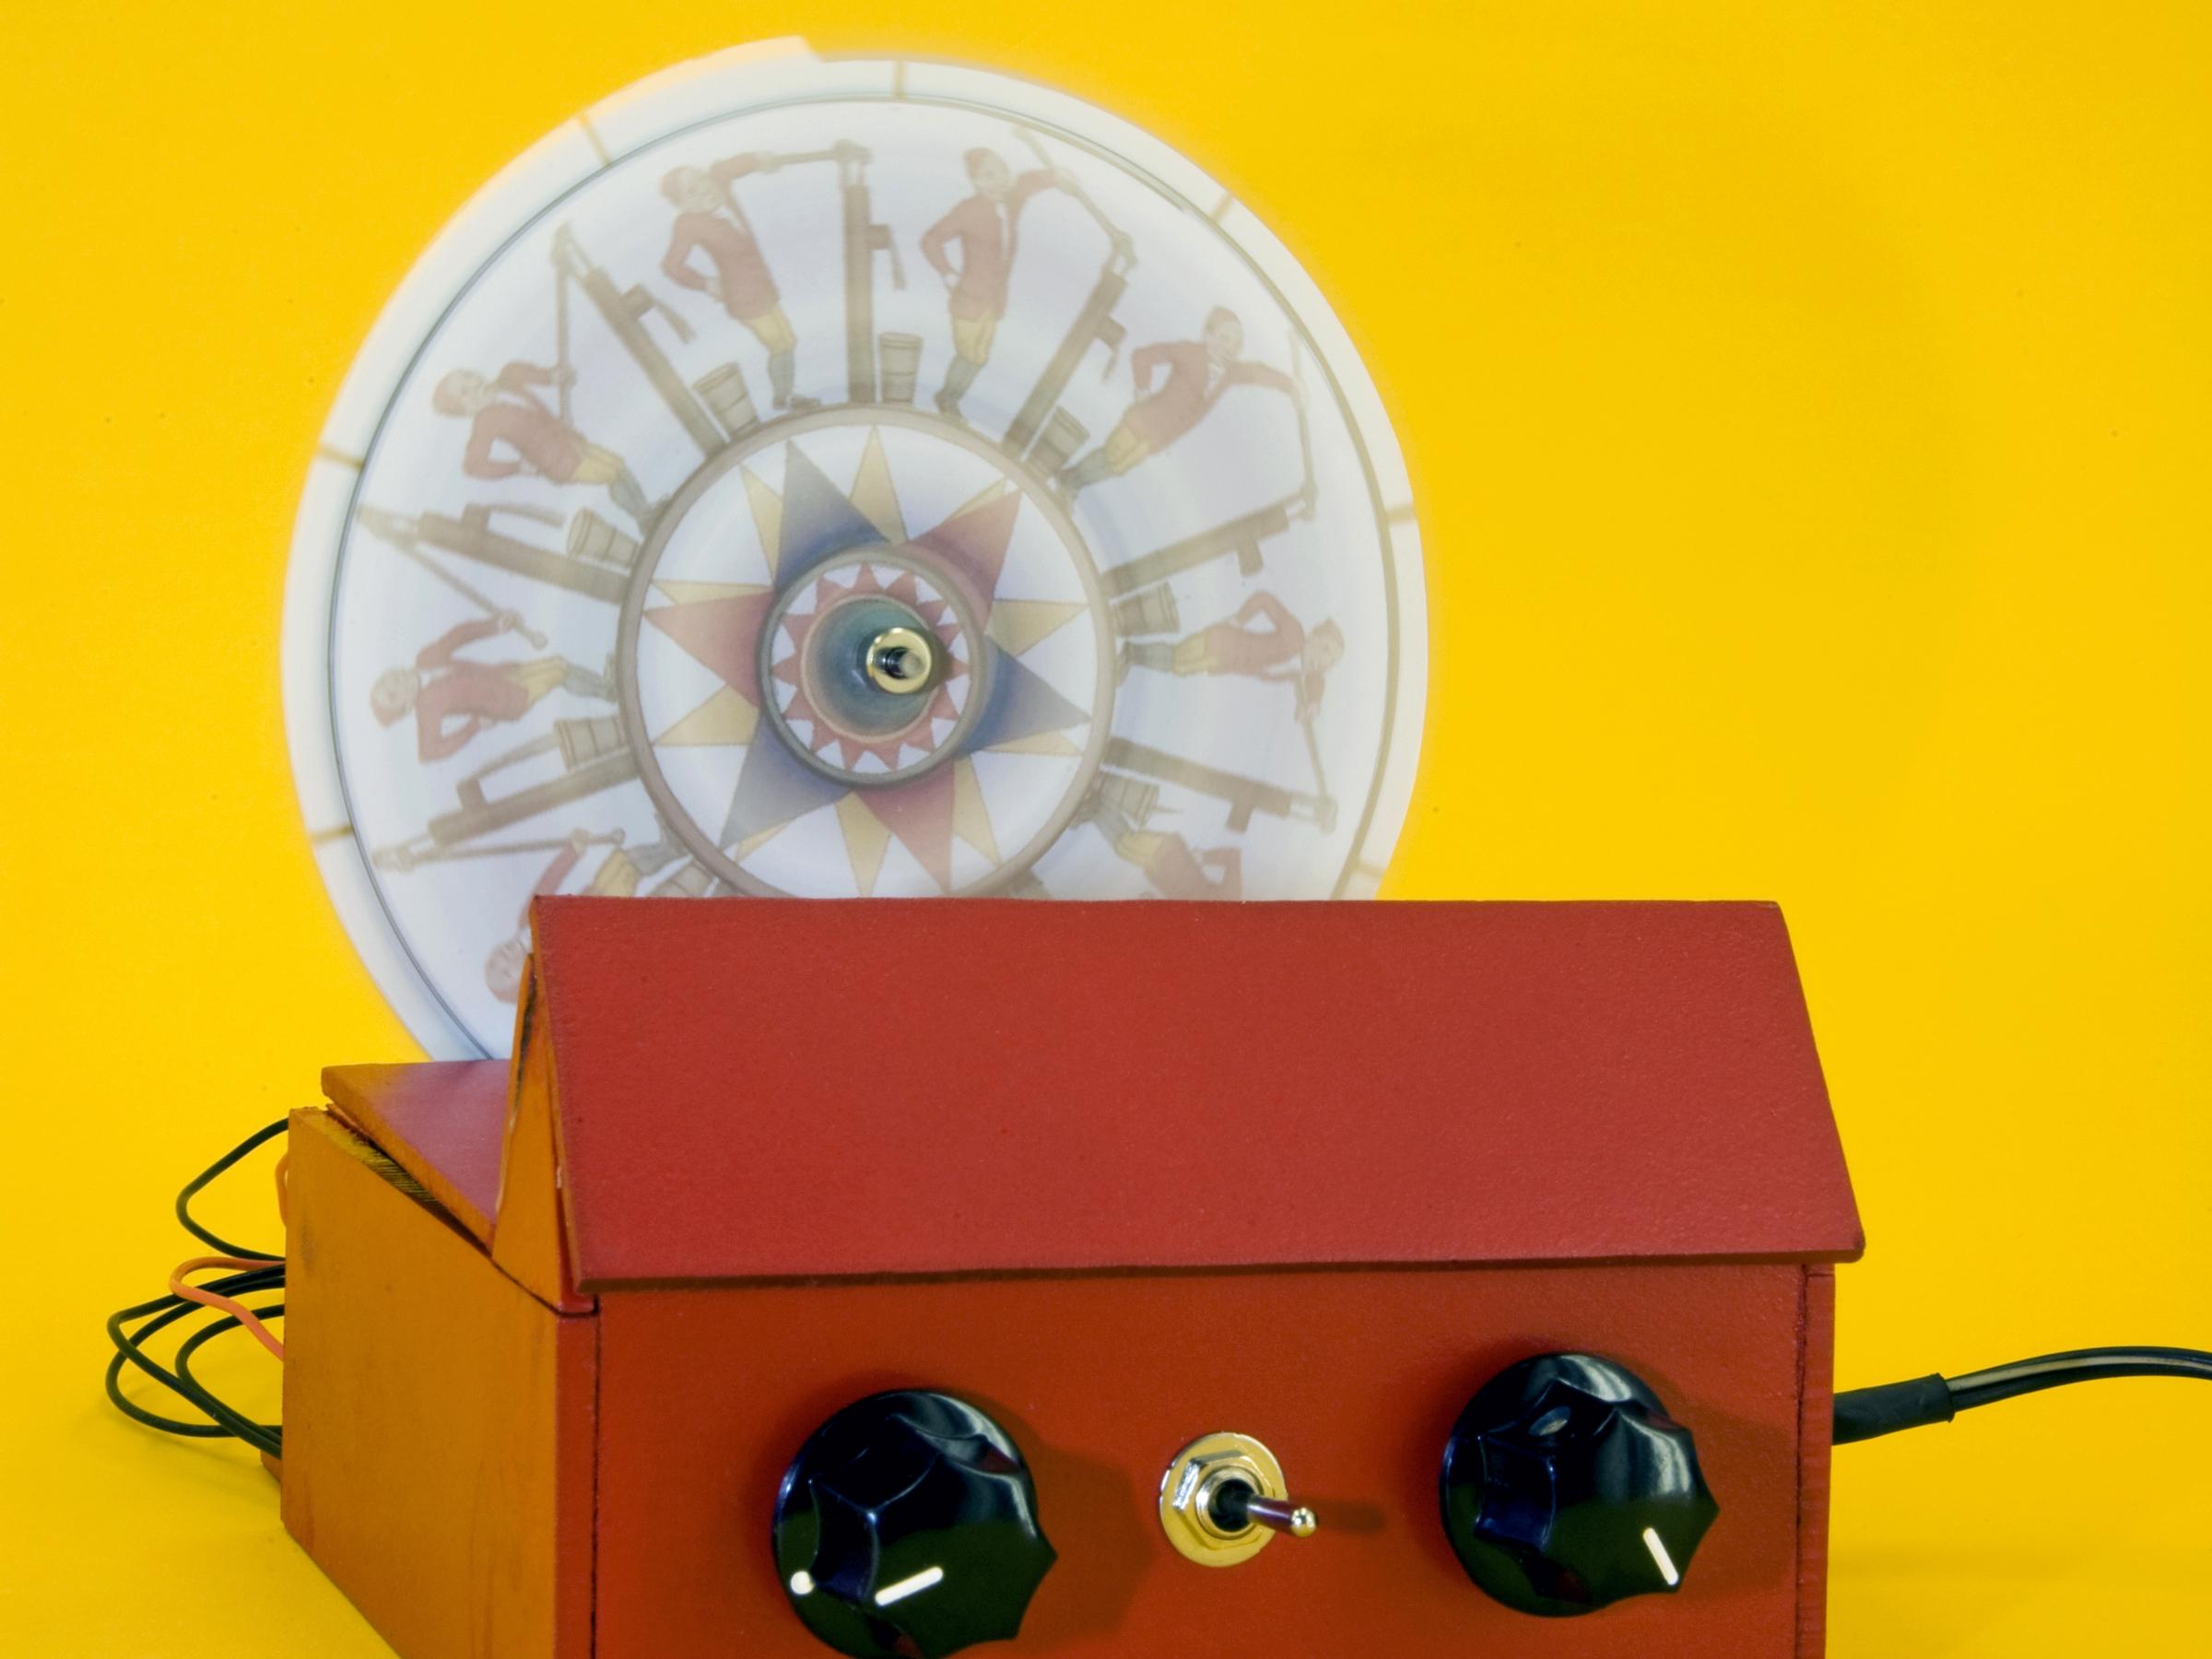 The Autophenakistoscope